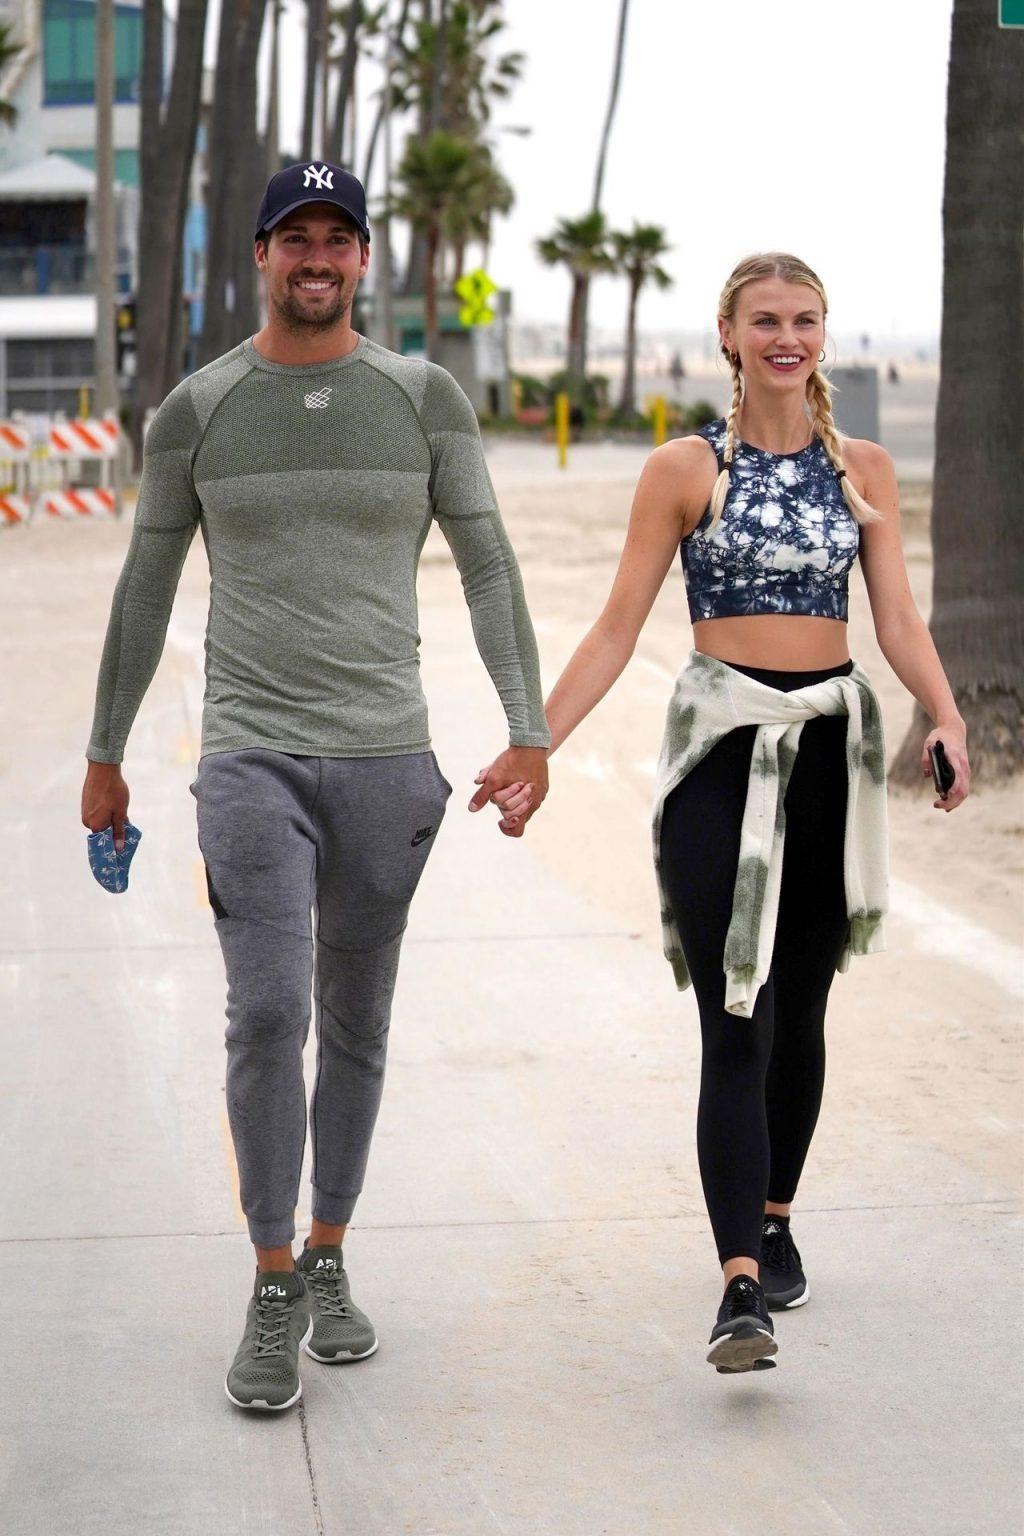 James Maslow & Caitlin Spears Share a Kiss After a Run (38 Photos)